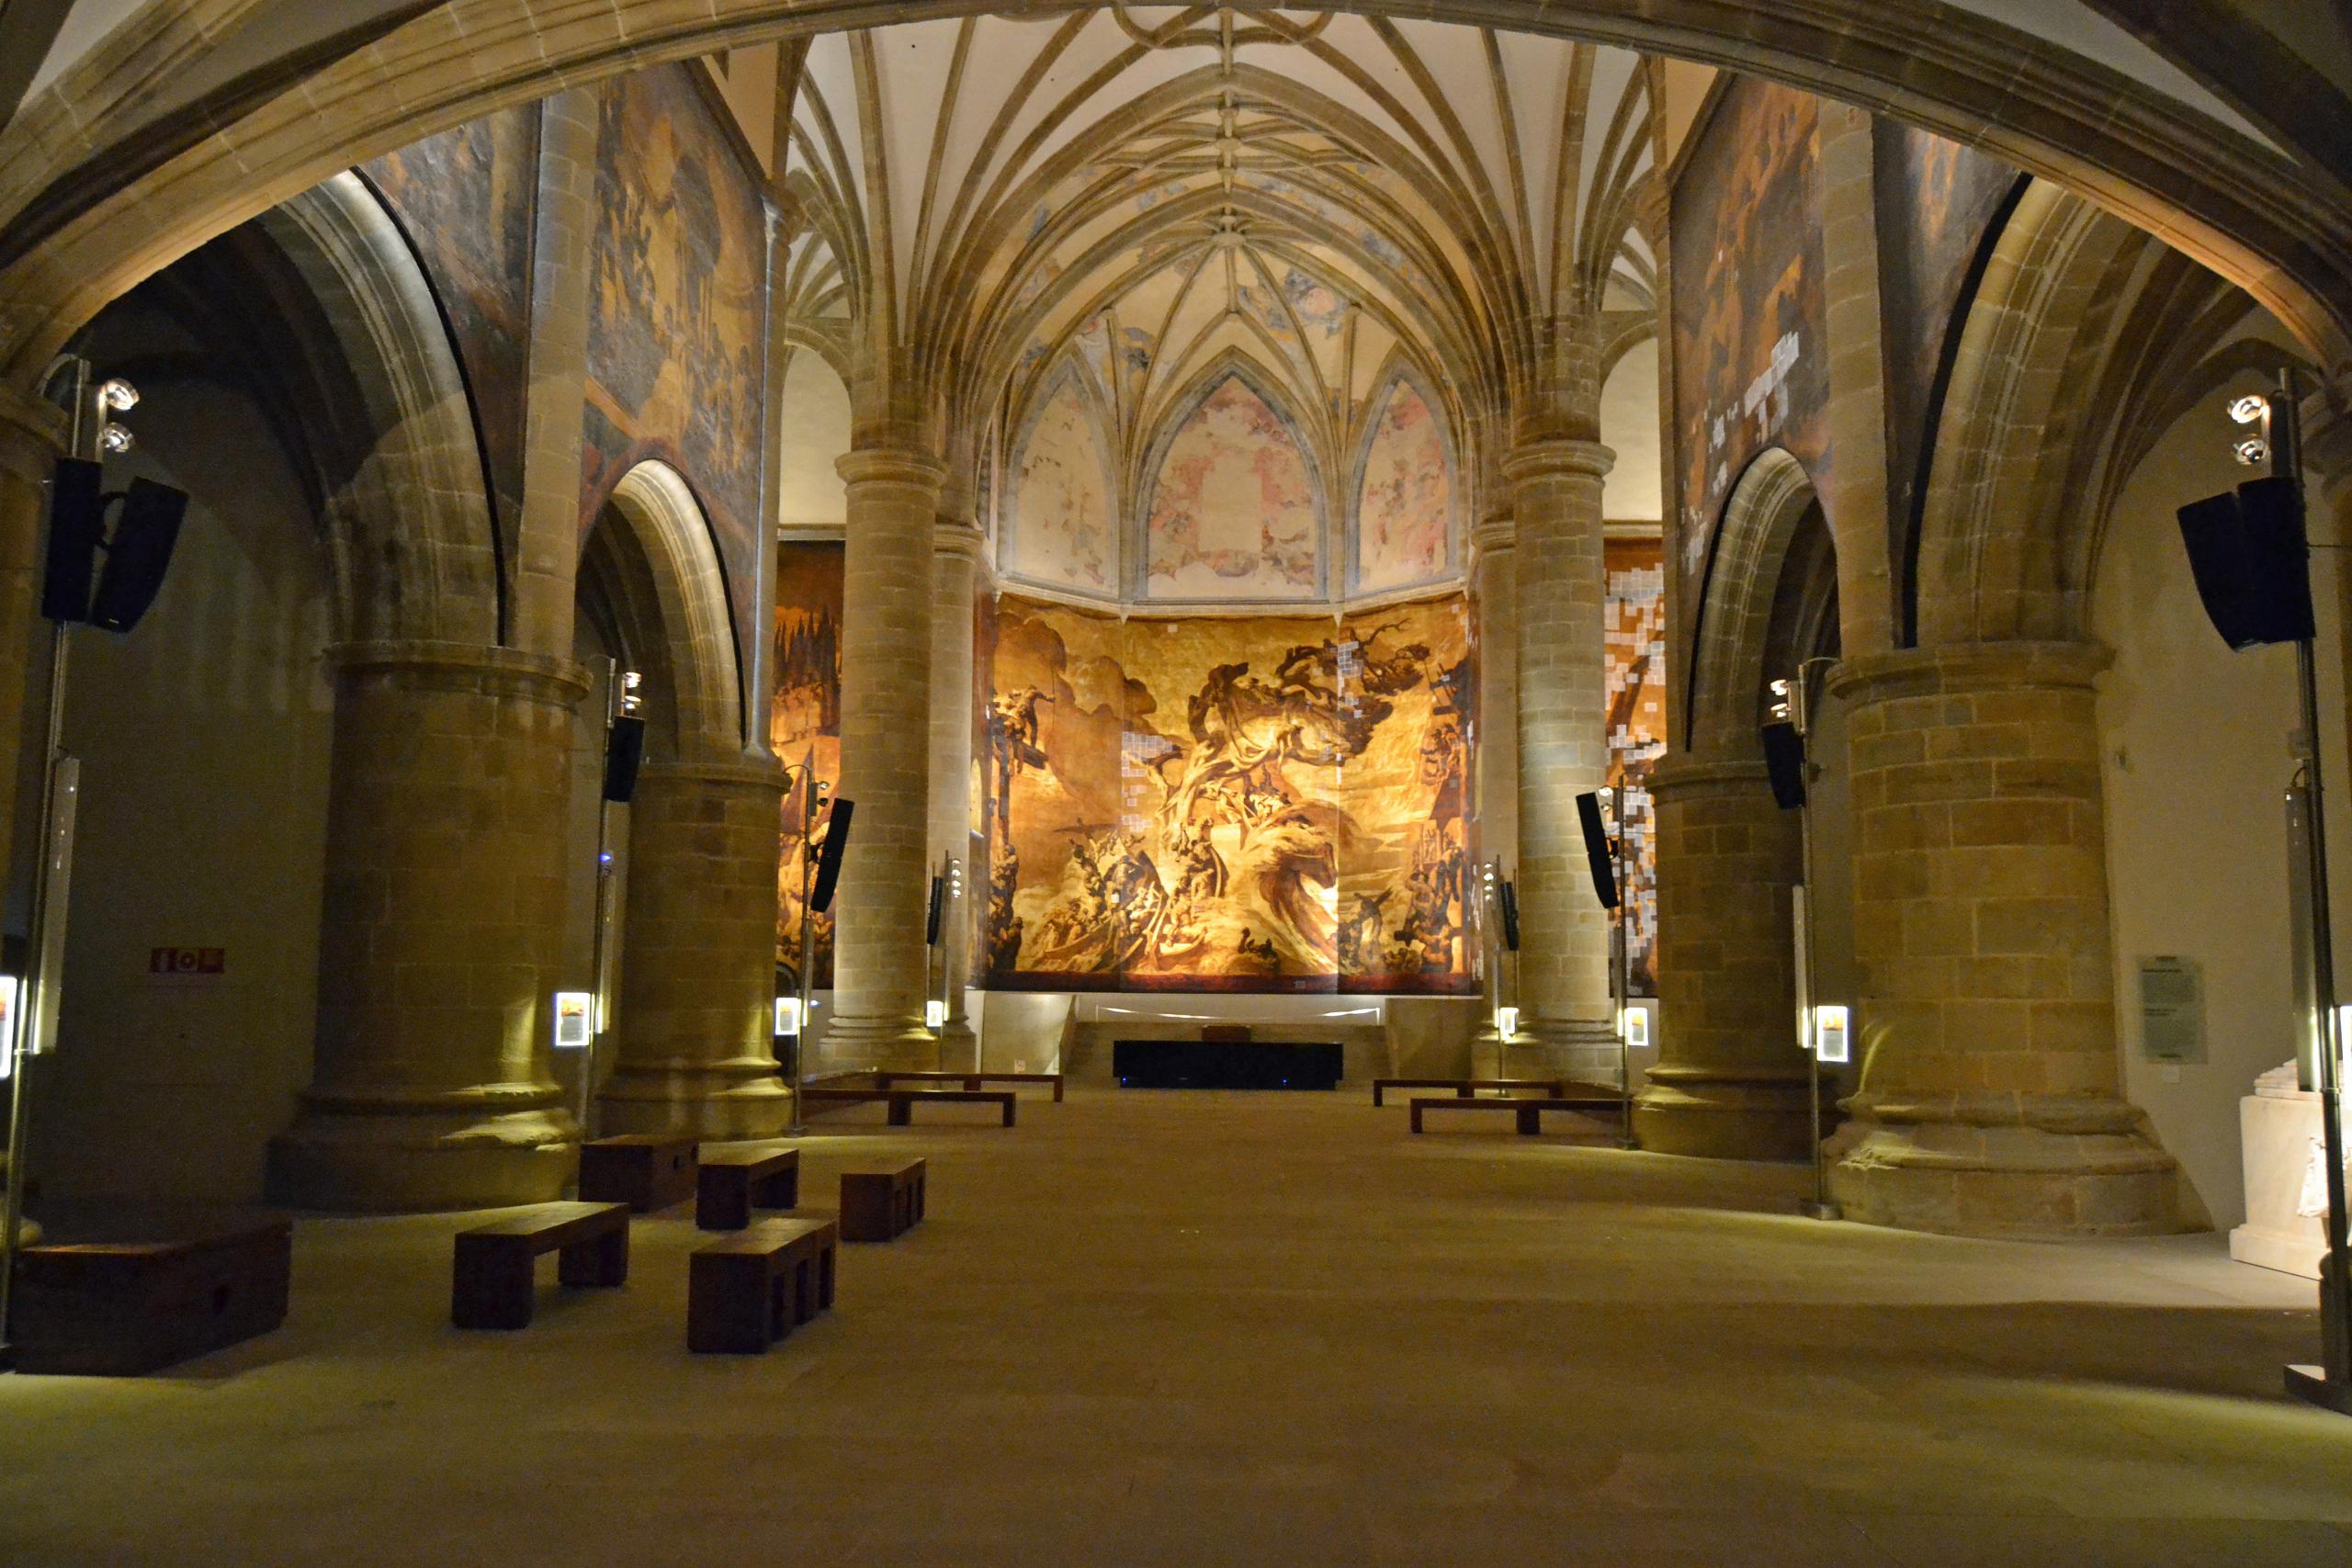 Cuatro museos imperdibles en San Sebastián - El museo San Telmo presenta una iglesia con pinturas al fresco